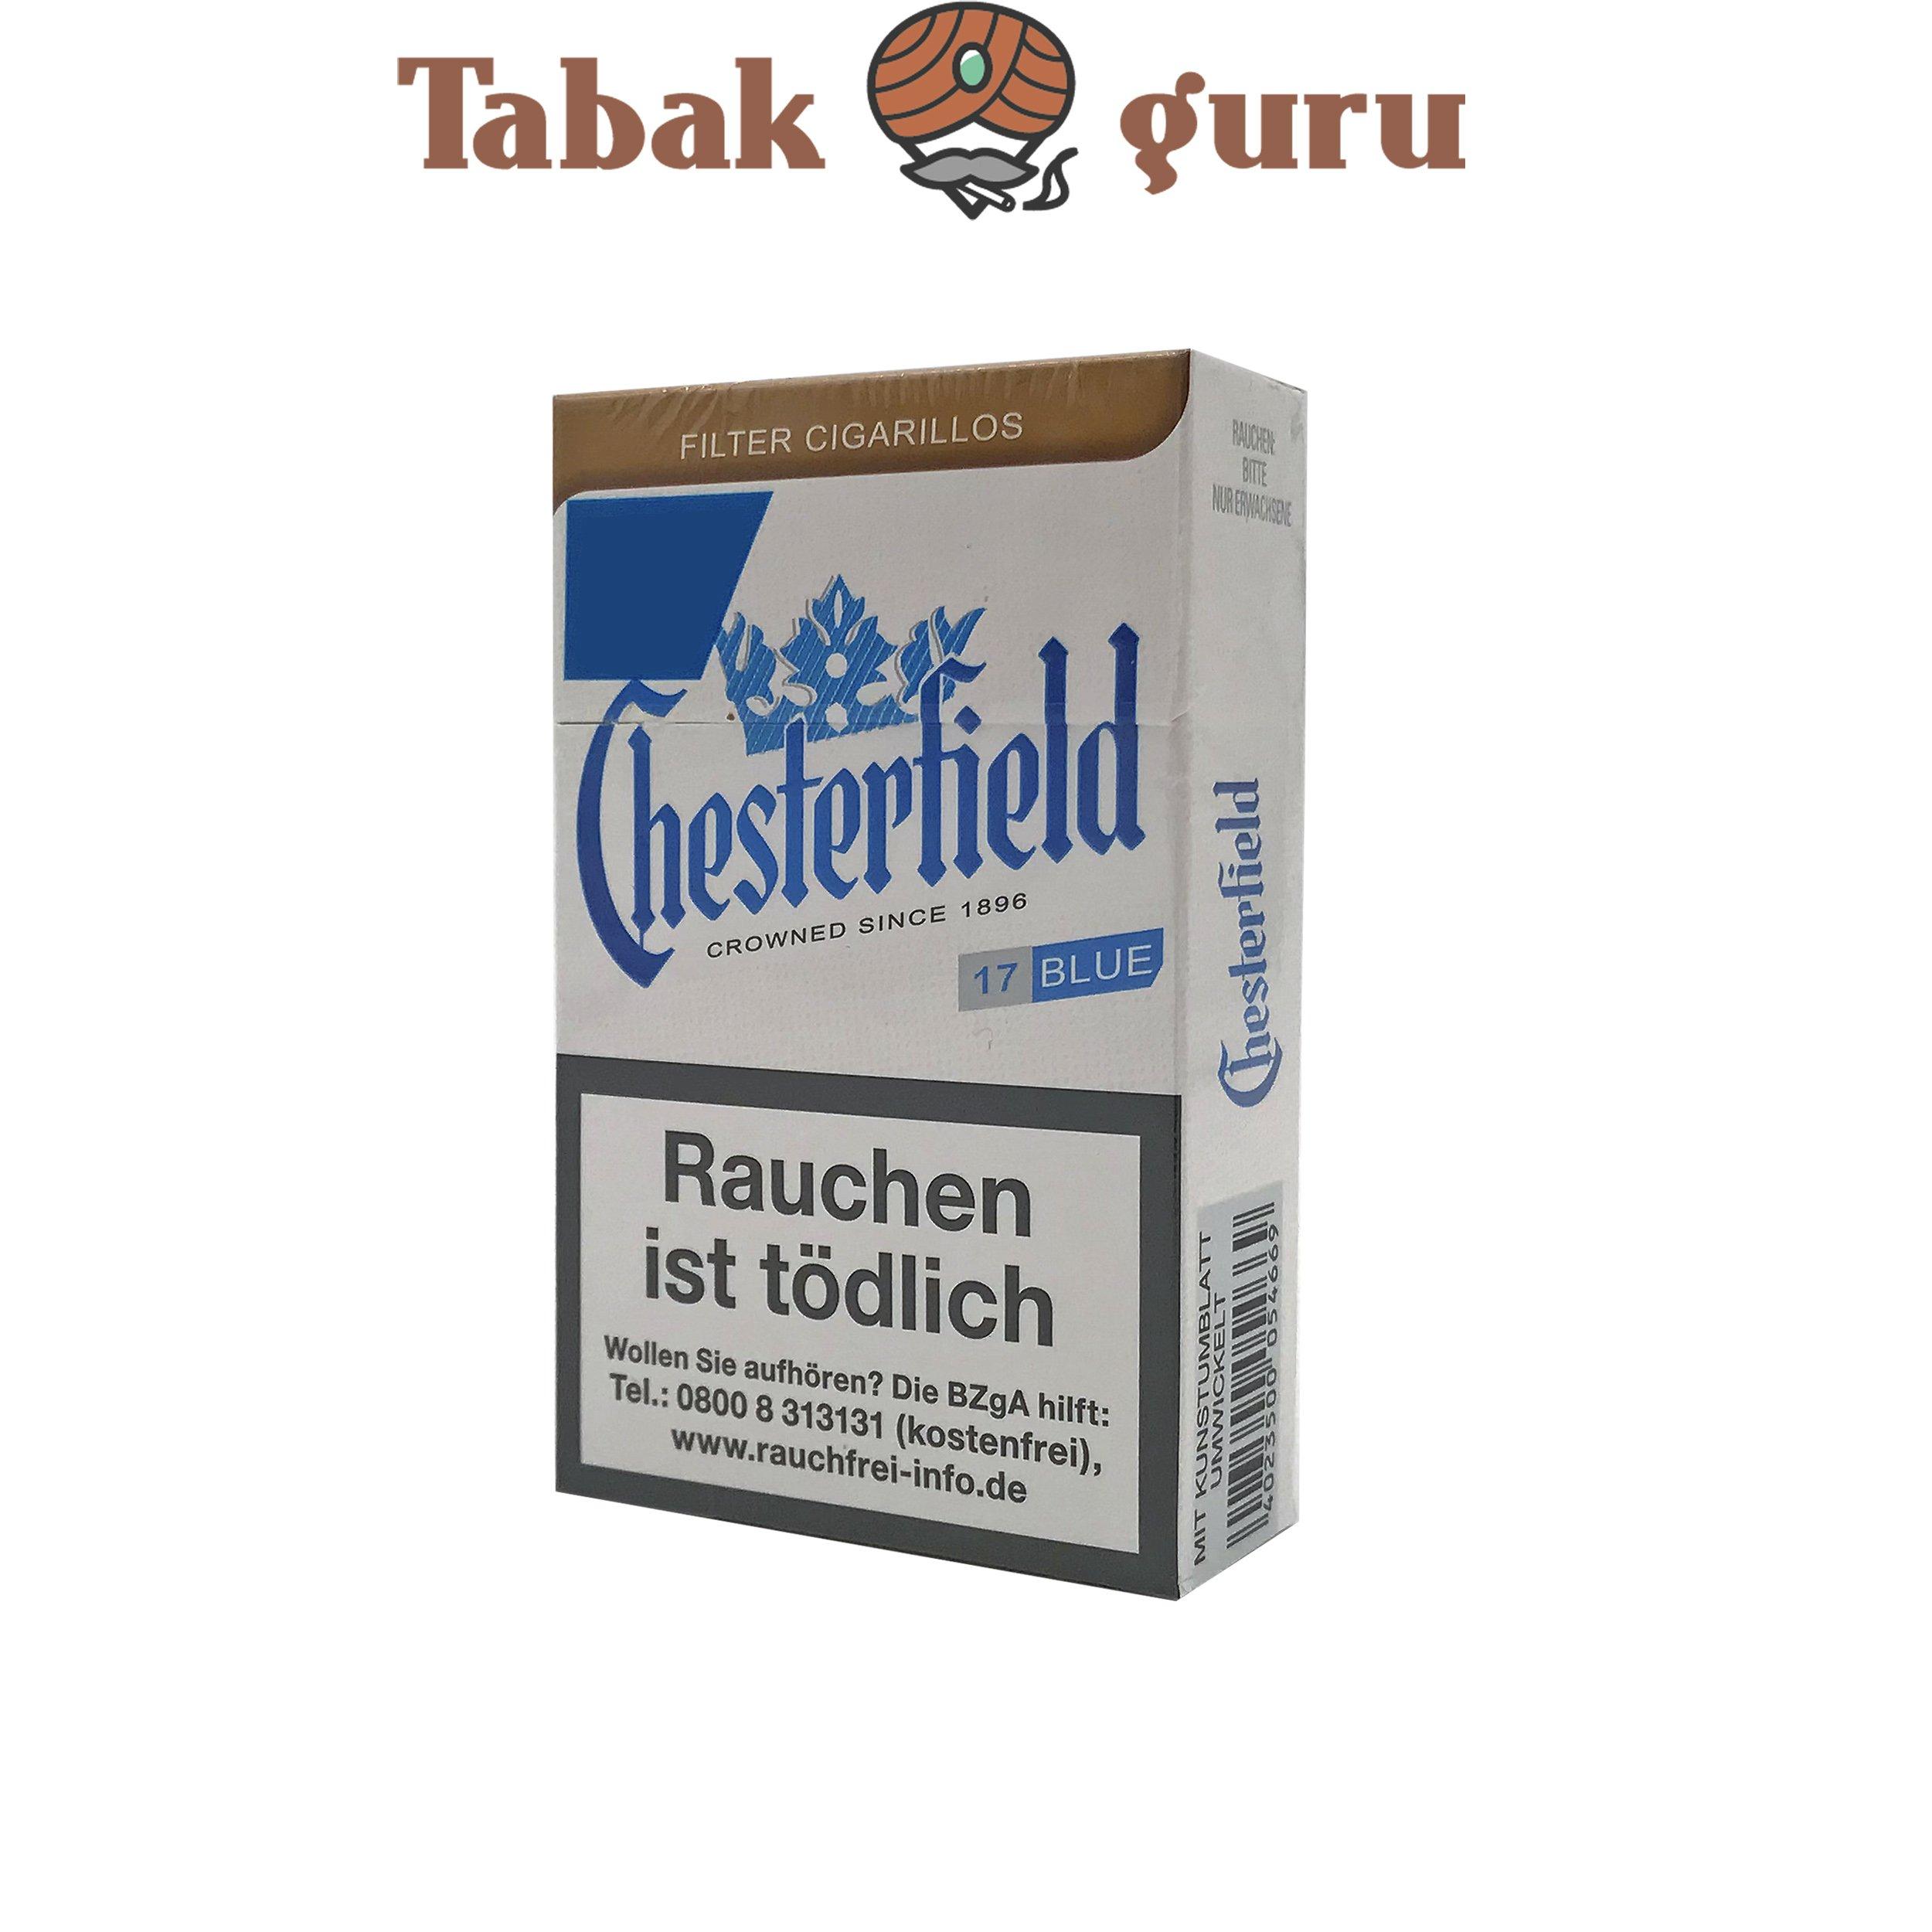 Chesterfield Blue 1 Schachtel Filterzigarillos a 17 Stück